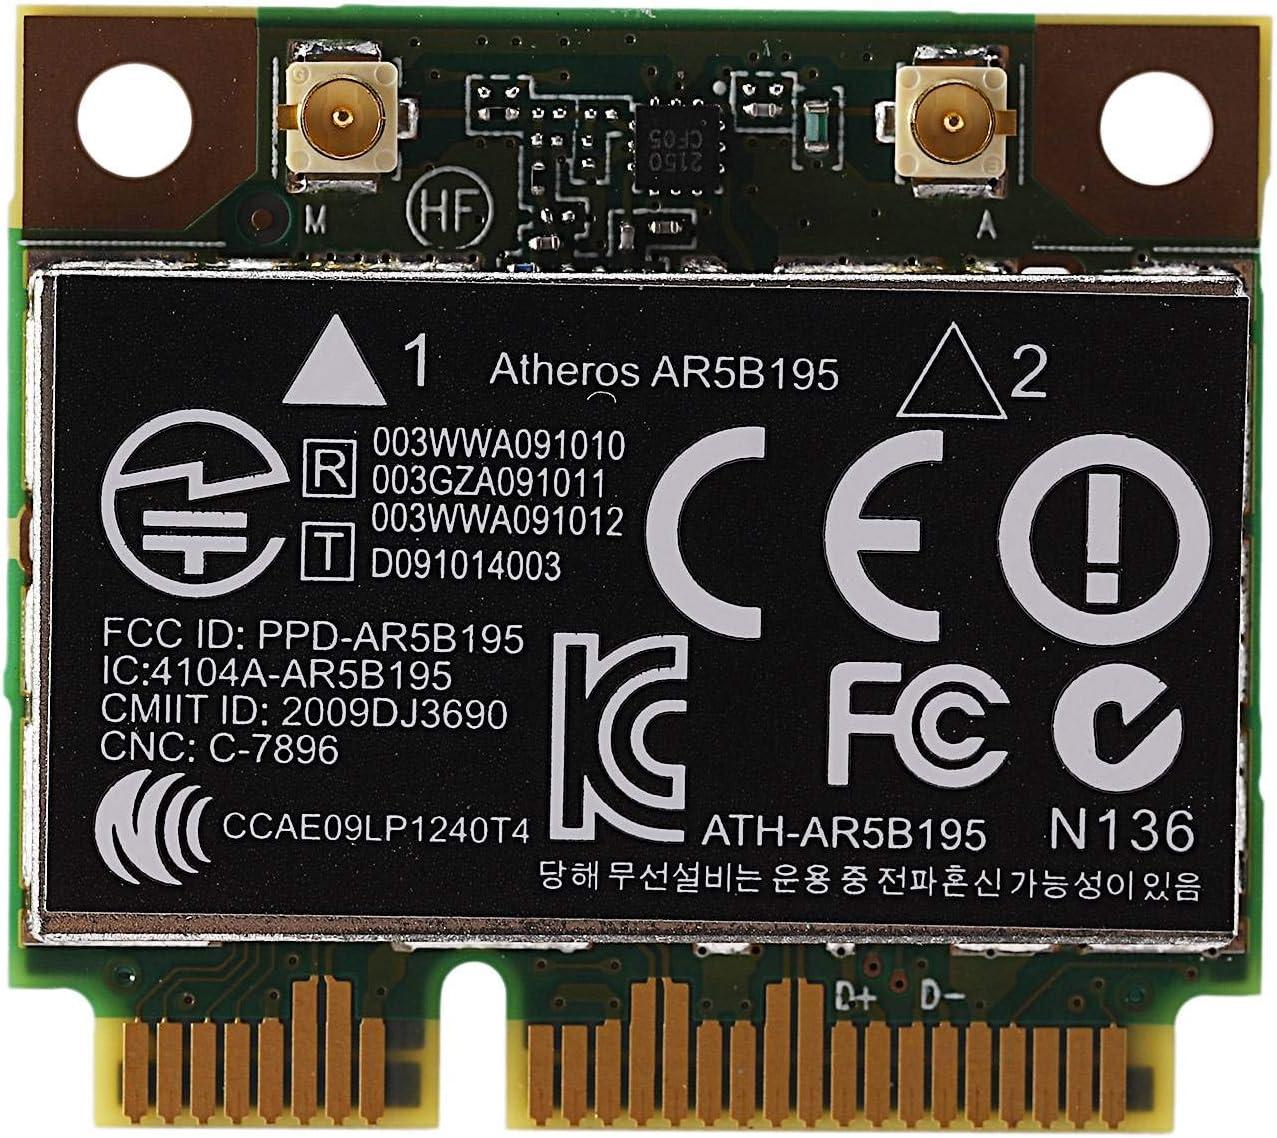 CUHAWUDBA AR9285 AR5B195 150M + BT3.0 Media Tarjeta InaláMbrica PCI-E SPS: 593127-001 592775-001 para 430 431 435 436 4530S